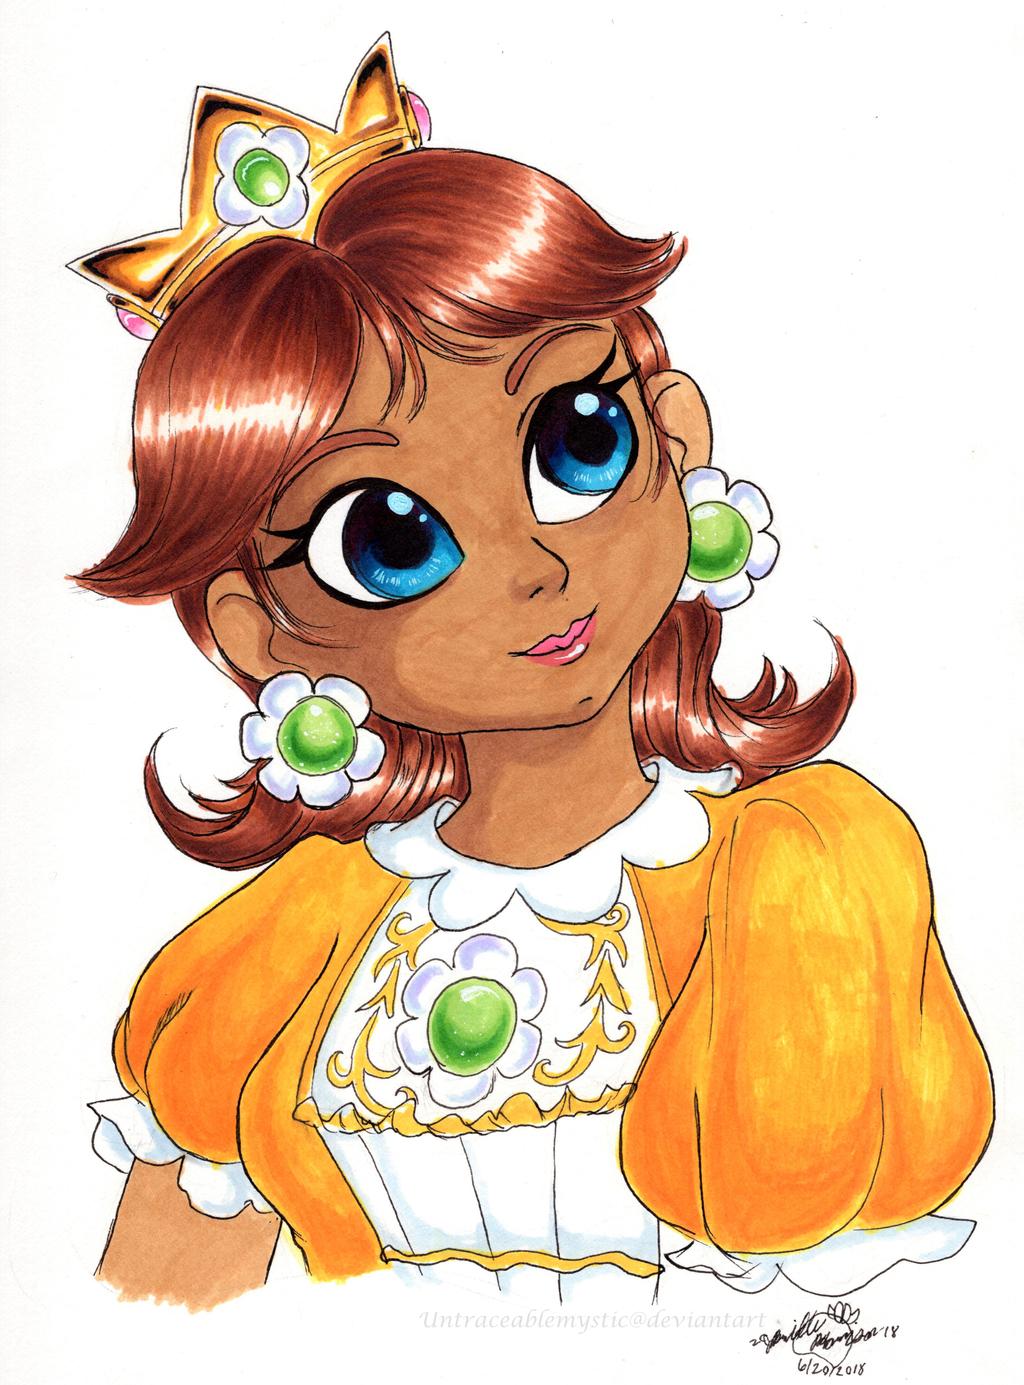 Most recent image: Princess of Sarasaland